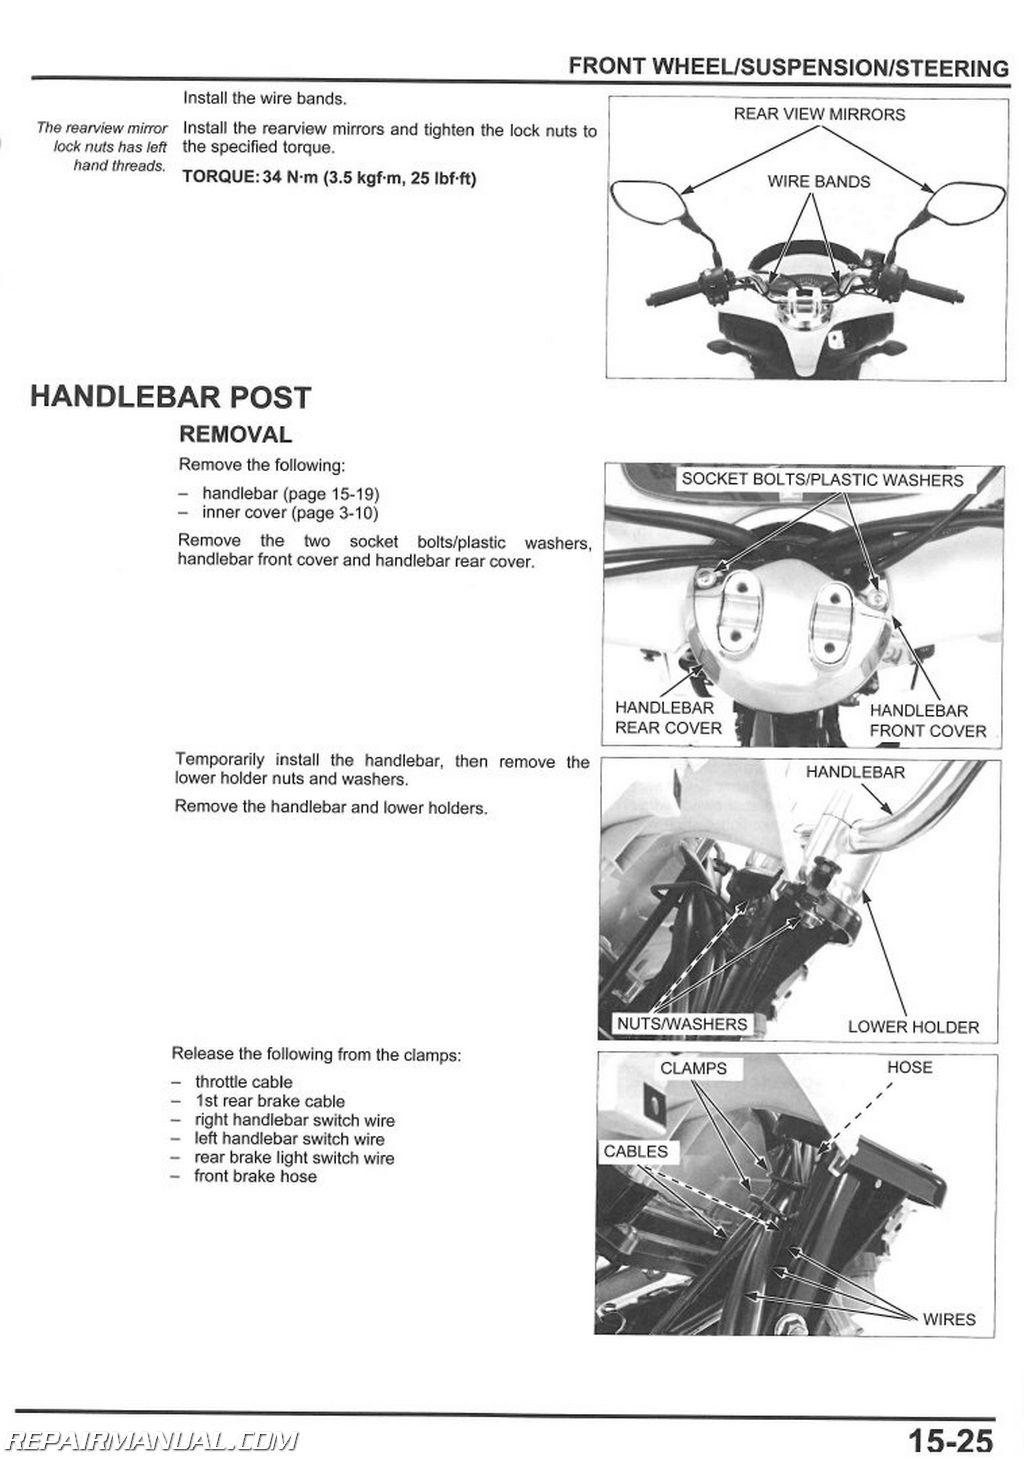 Honda Civic Wire Harness